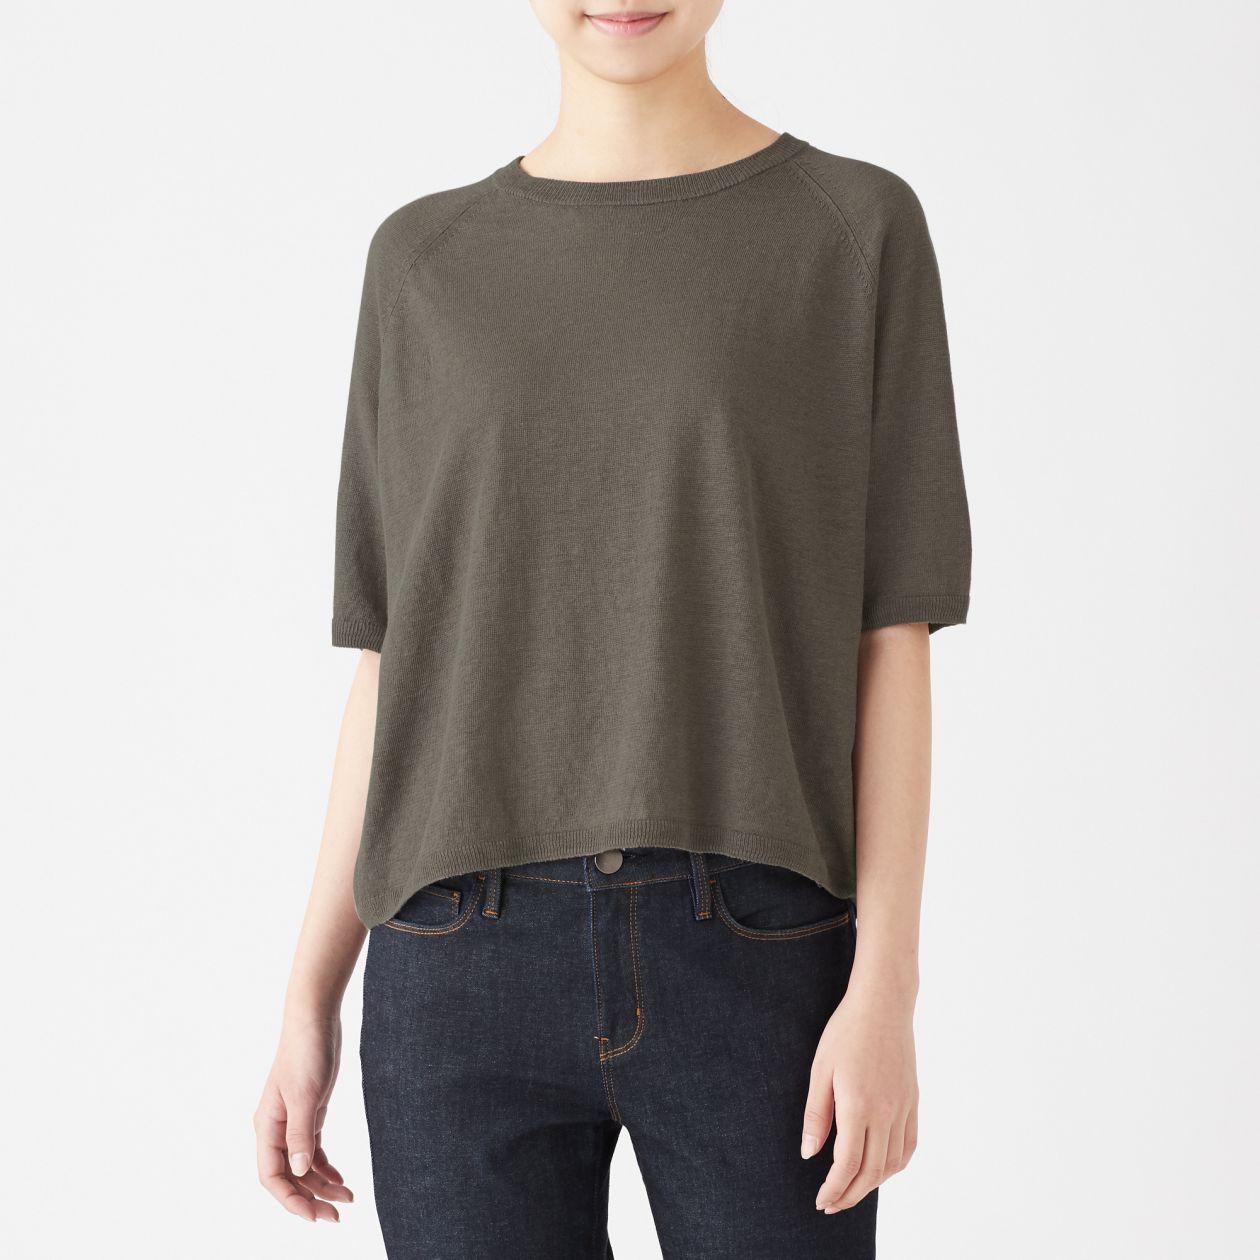 UVカットフレンチリネン半袖セーター